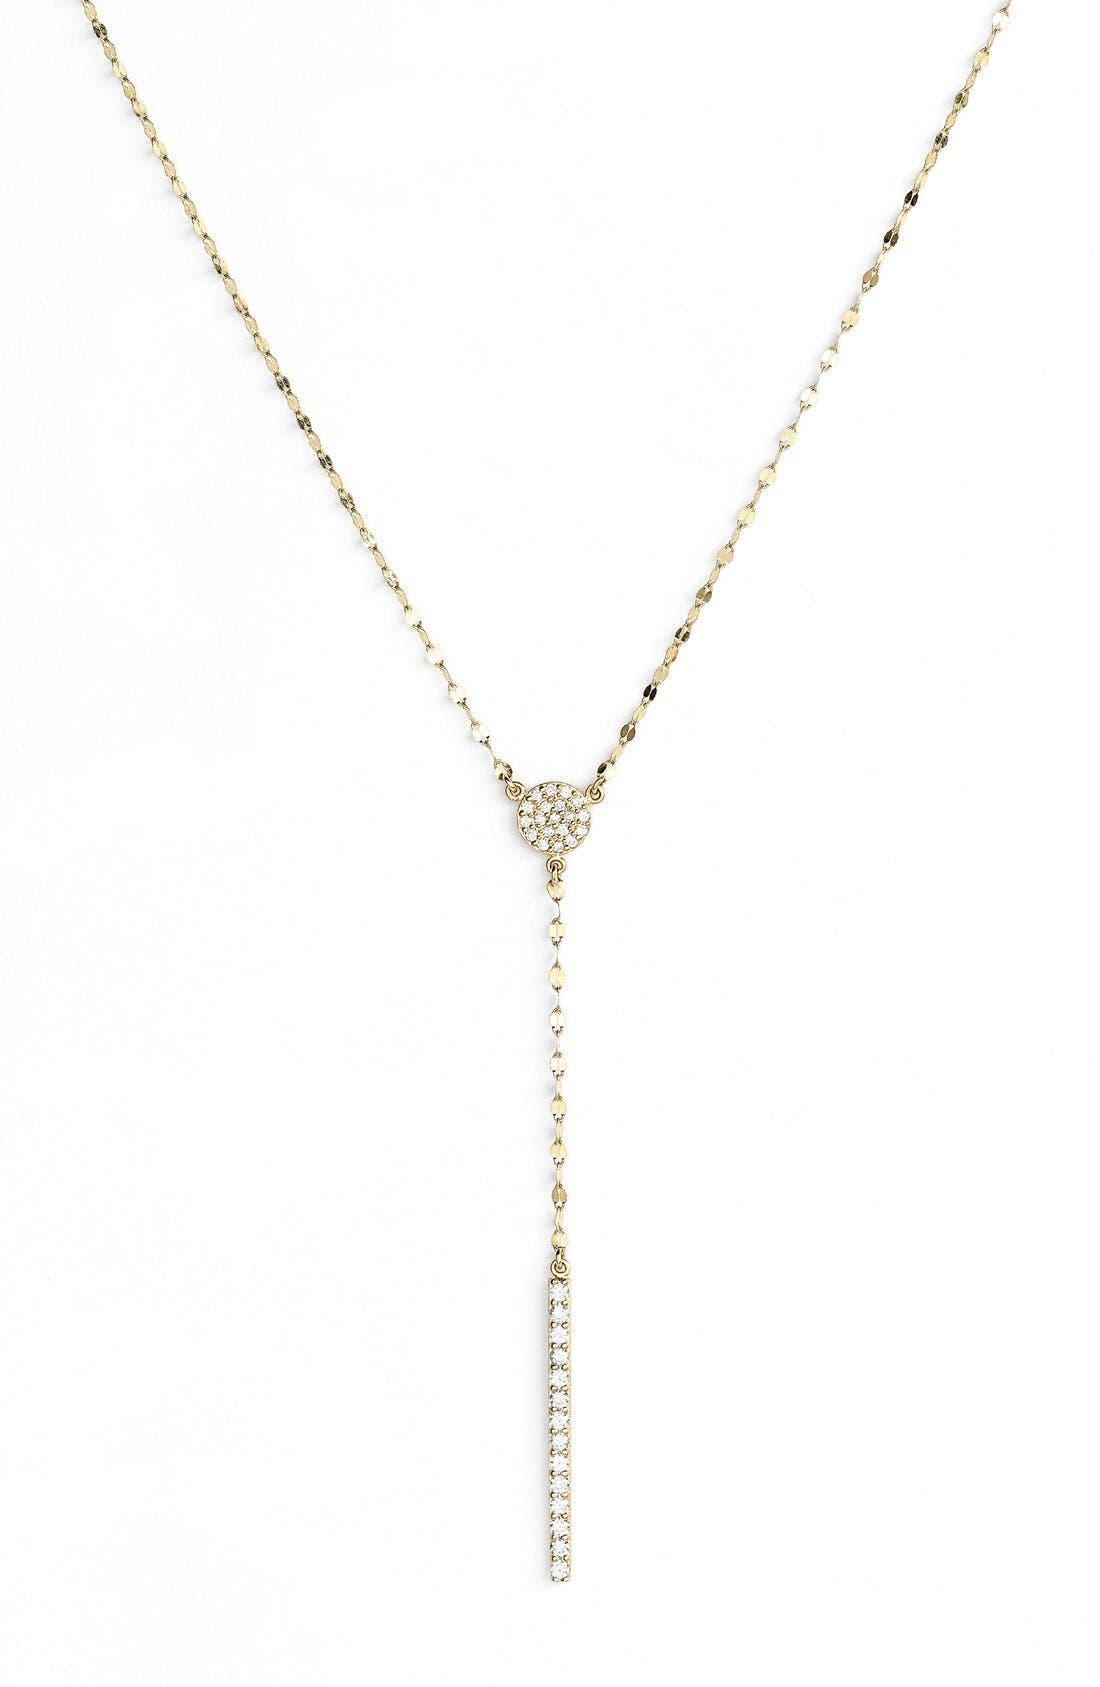 LANA JEWELRY 'MIRAGE - GYPSY' DIAMOND Y-NECKLACE